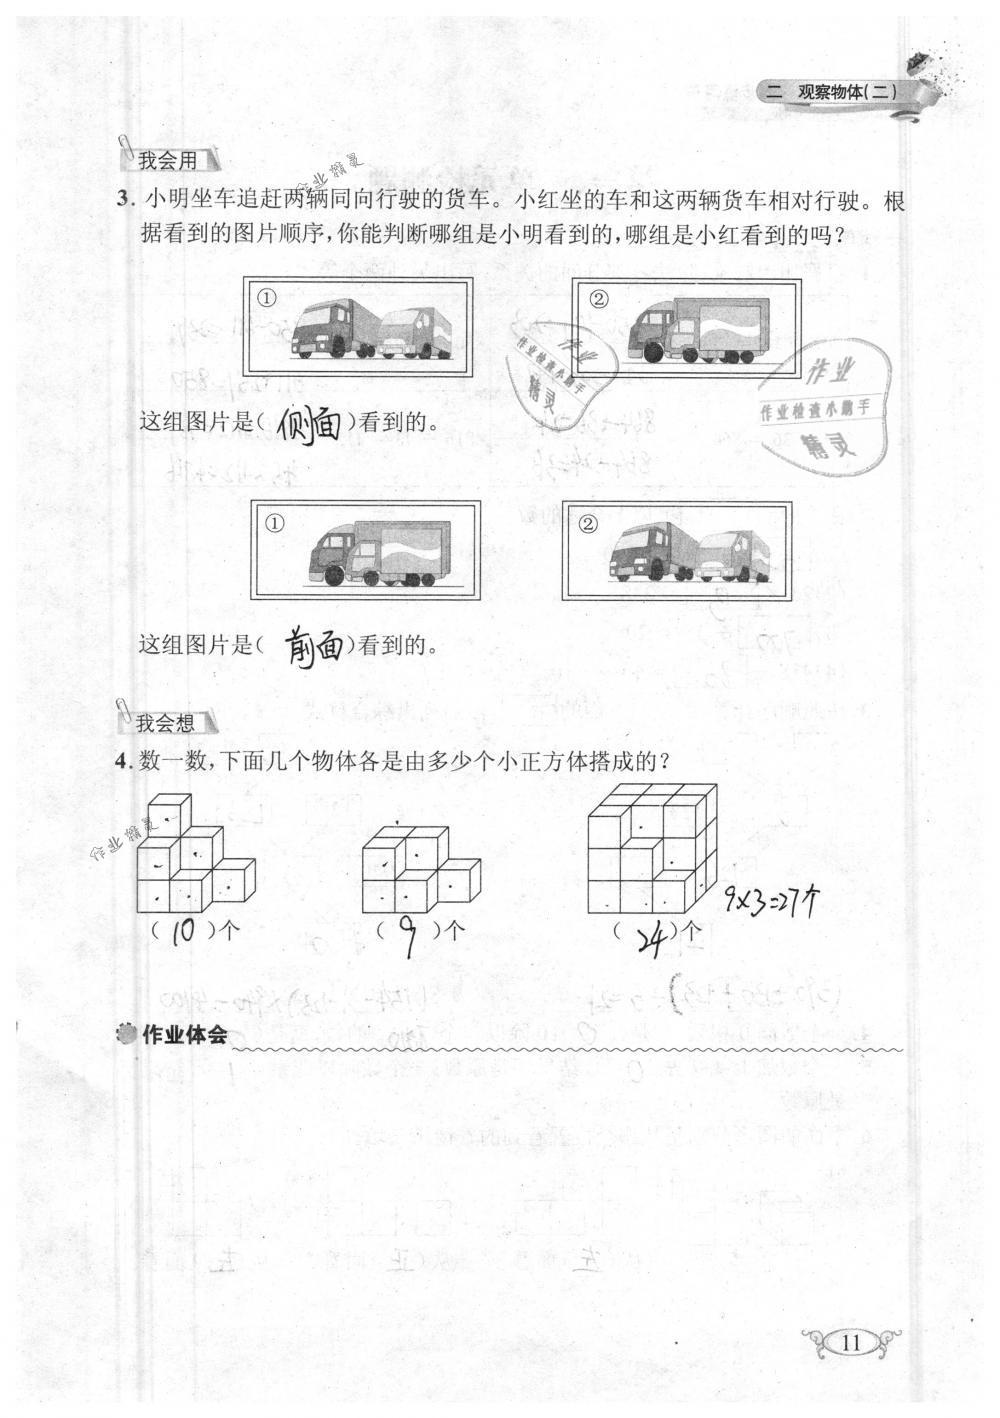 2019年长江作业本同步练习册四年级数学下册人教版参考答案第11页